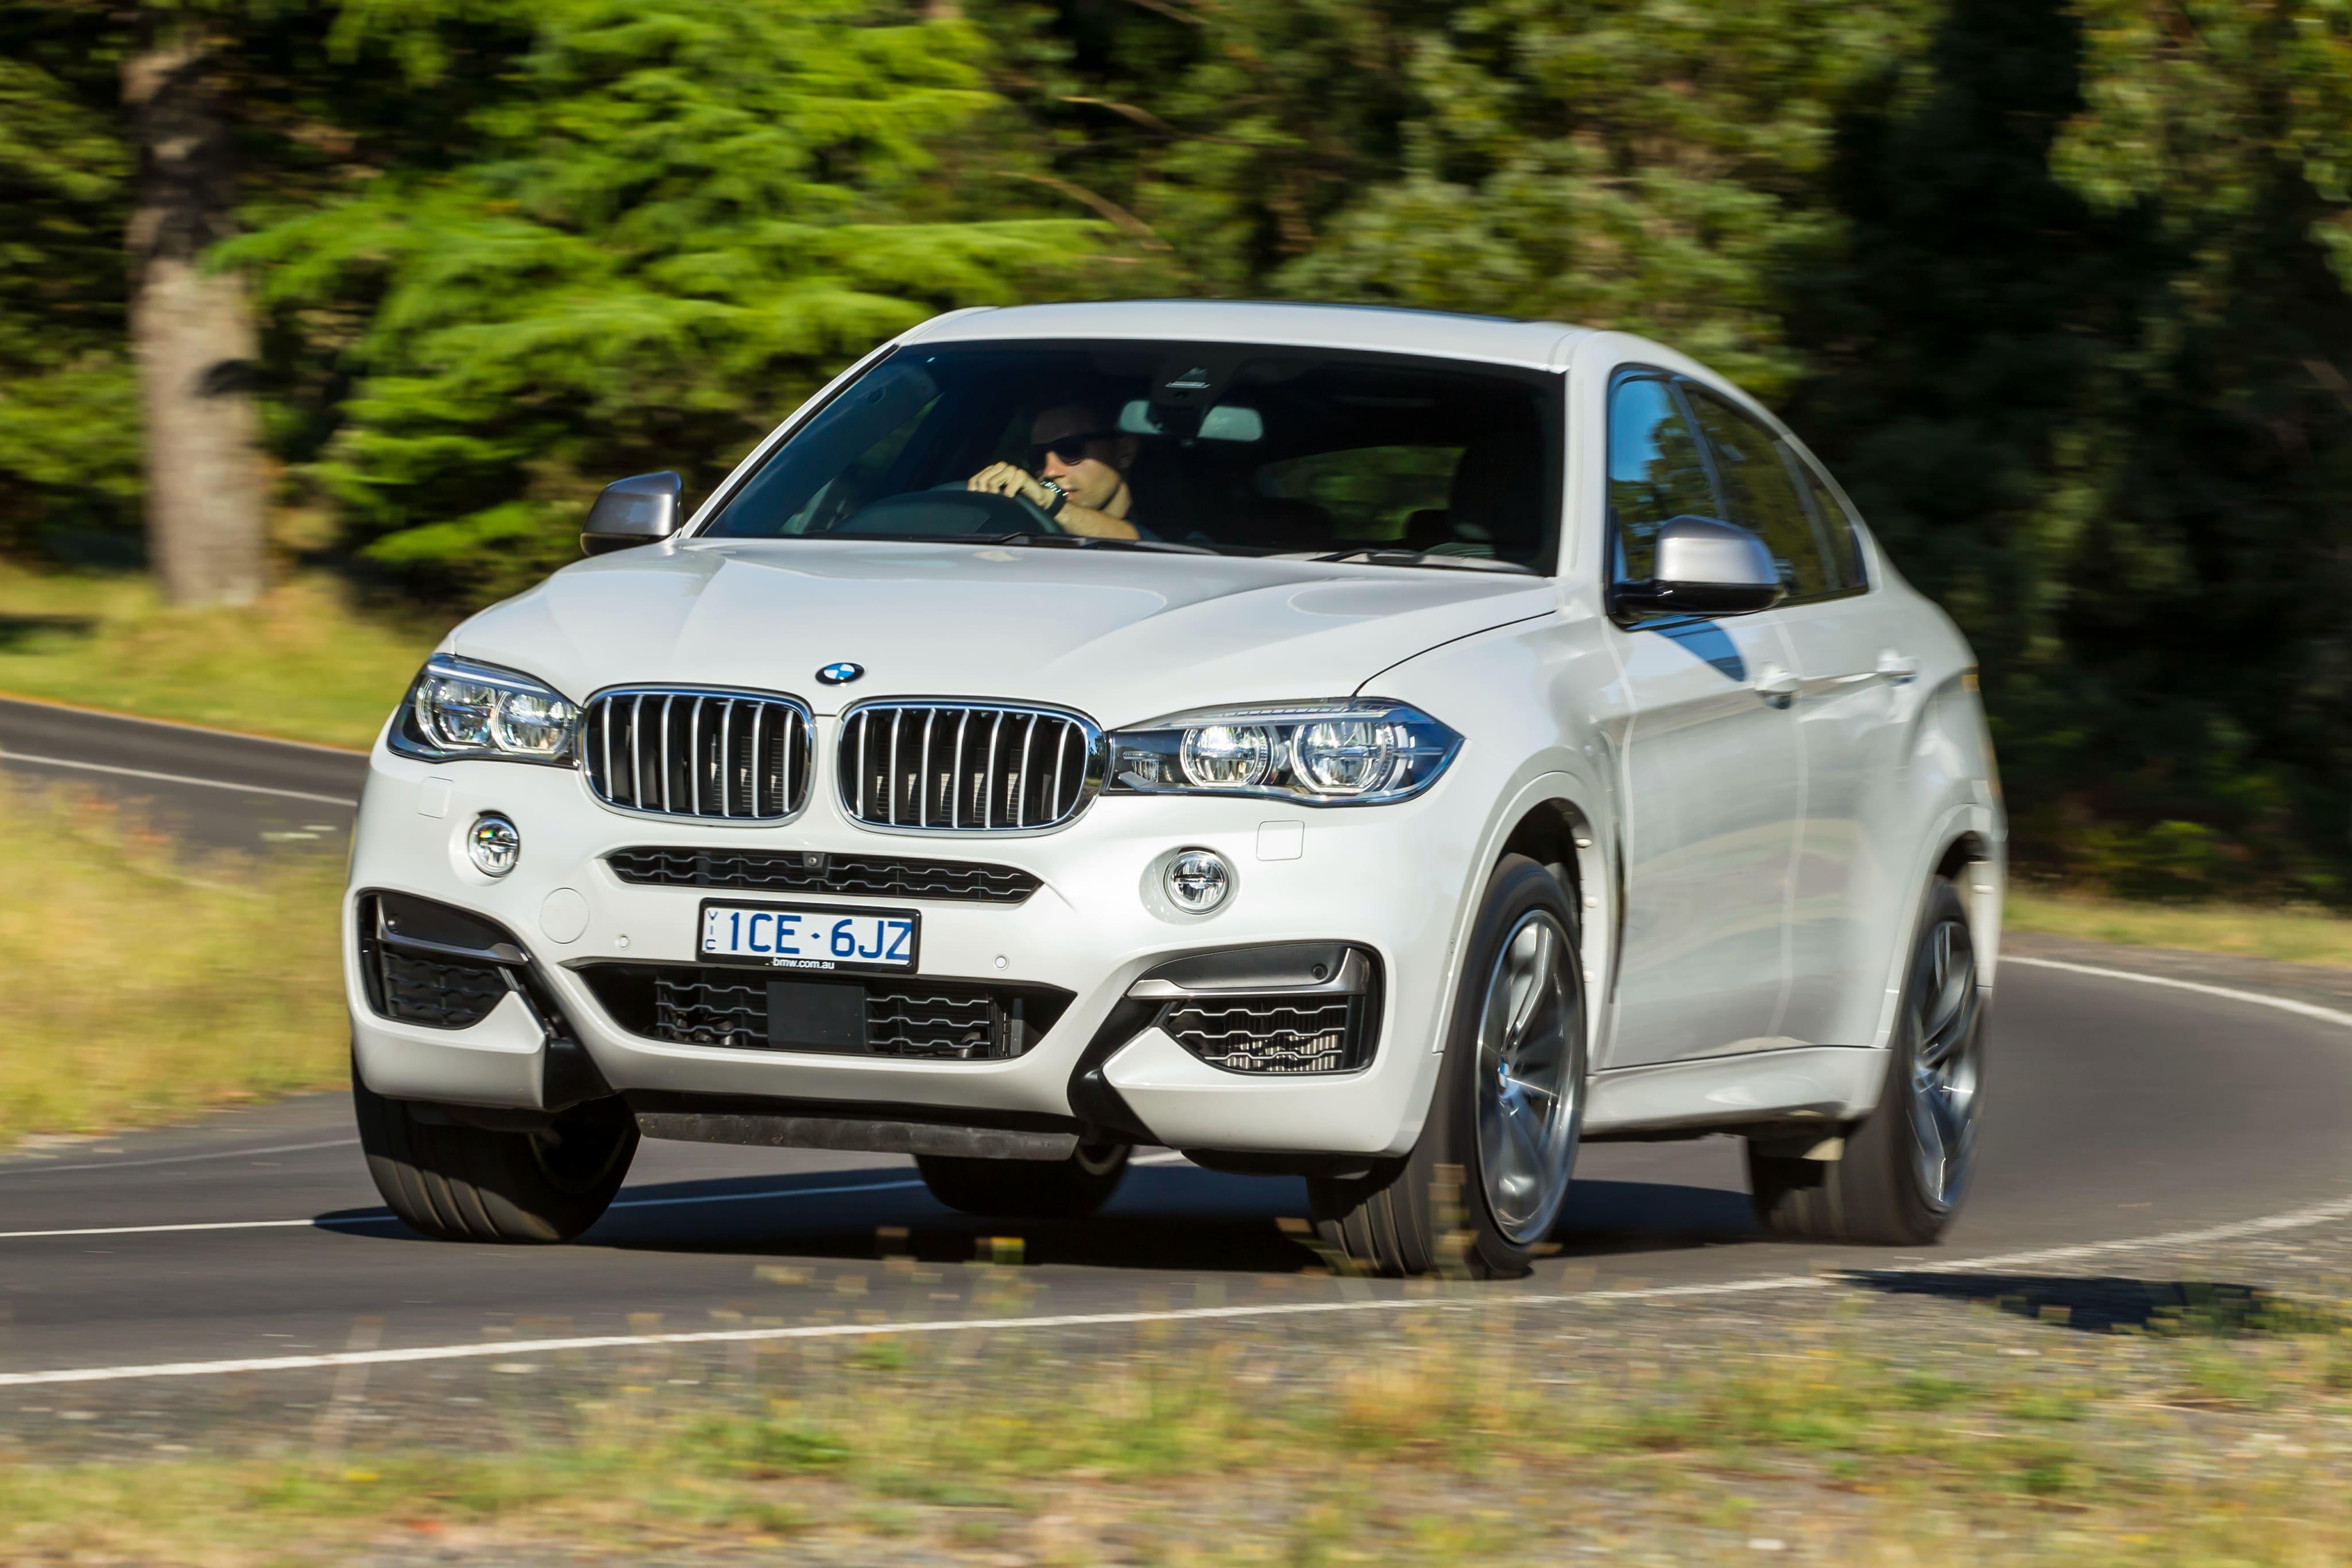 BMW X6 (F16) High